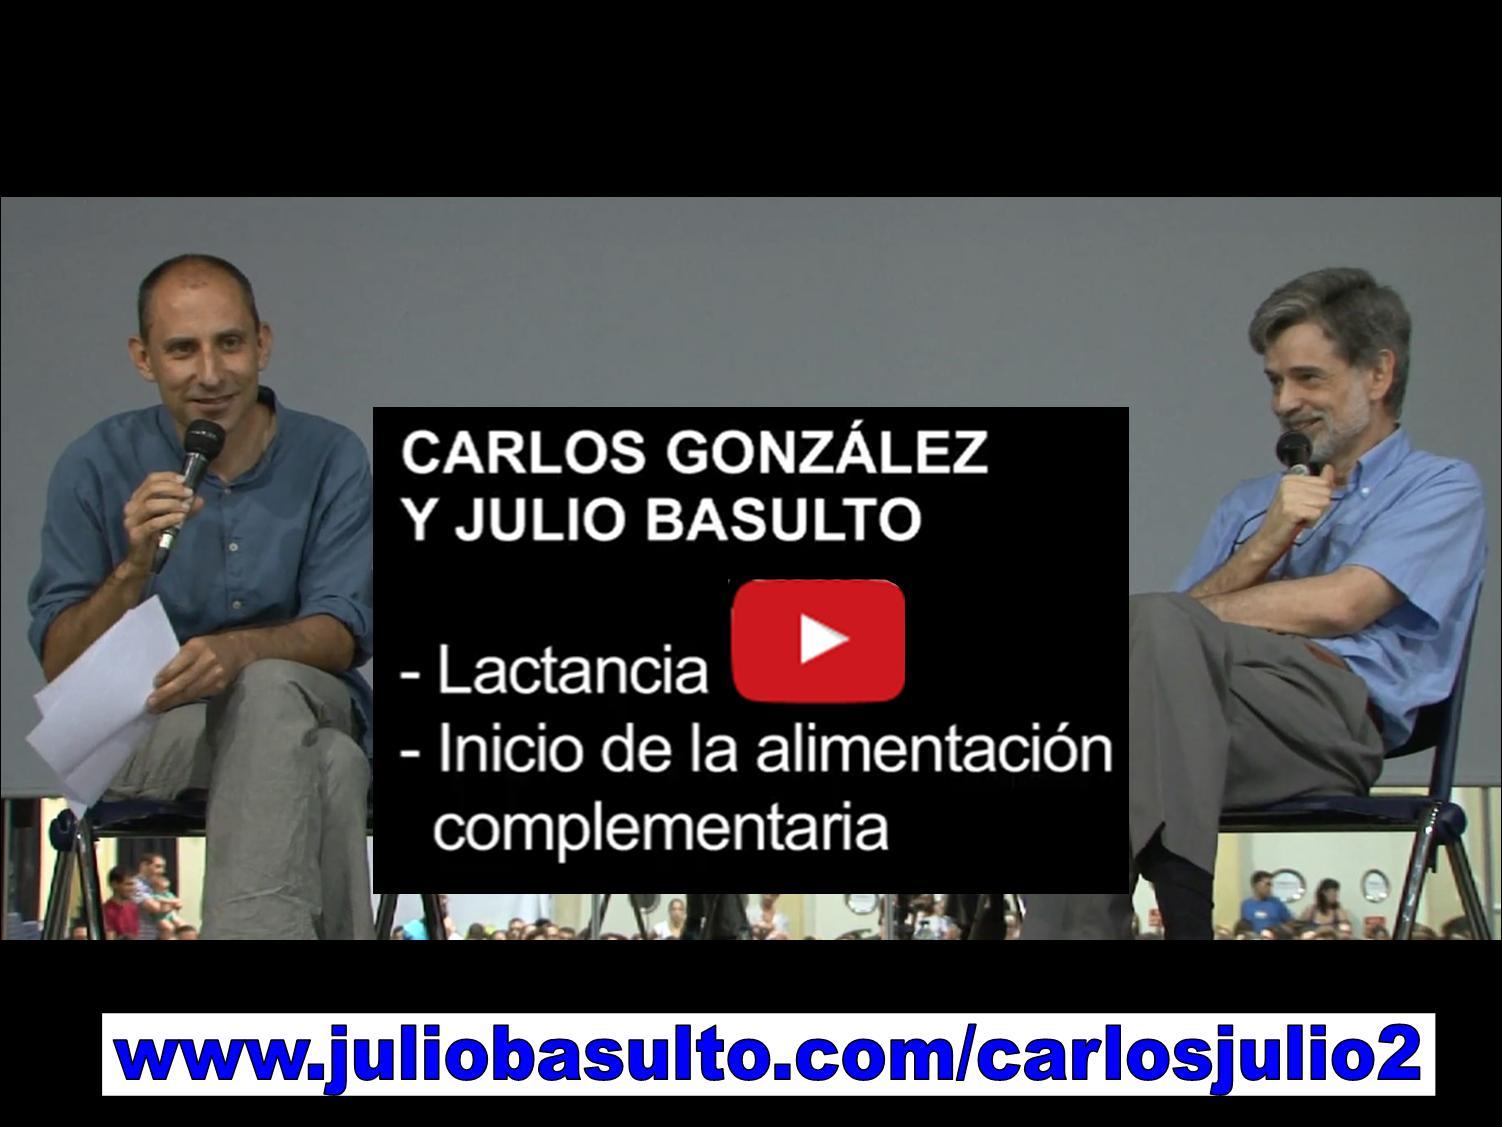 Vídeo de Carlos González y Julio Basulto en Barcelona (segundo fragmento)